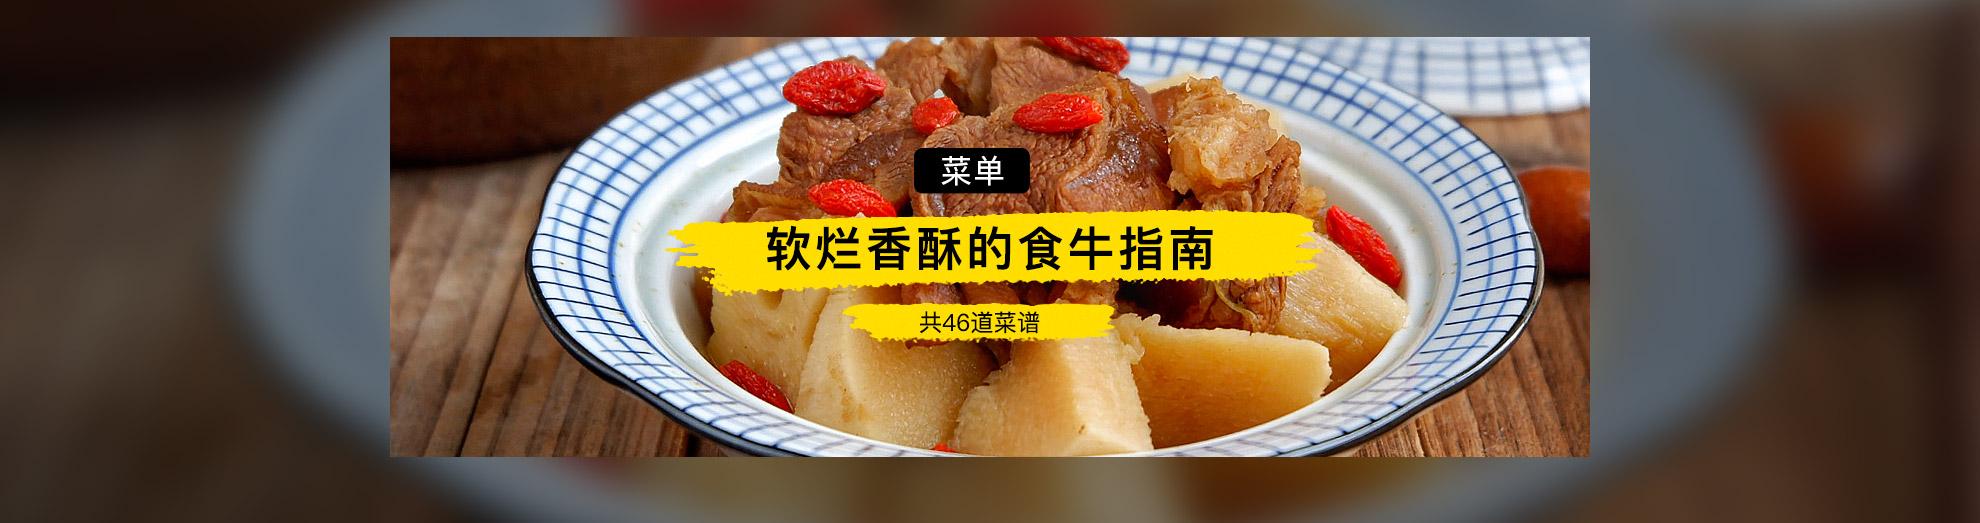 软烂香酥的食牛指南}